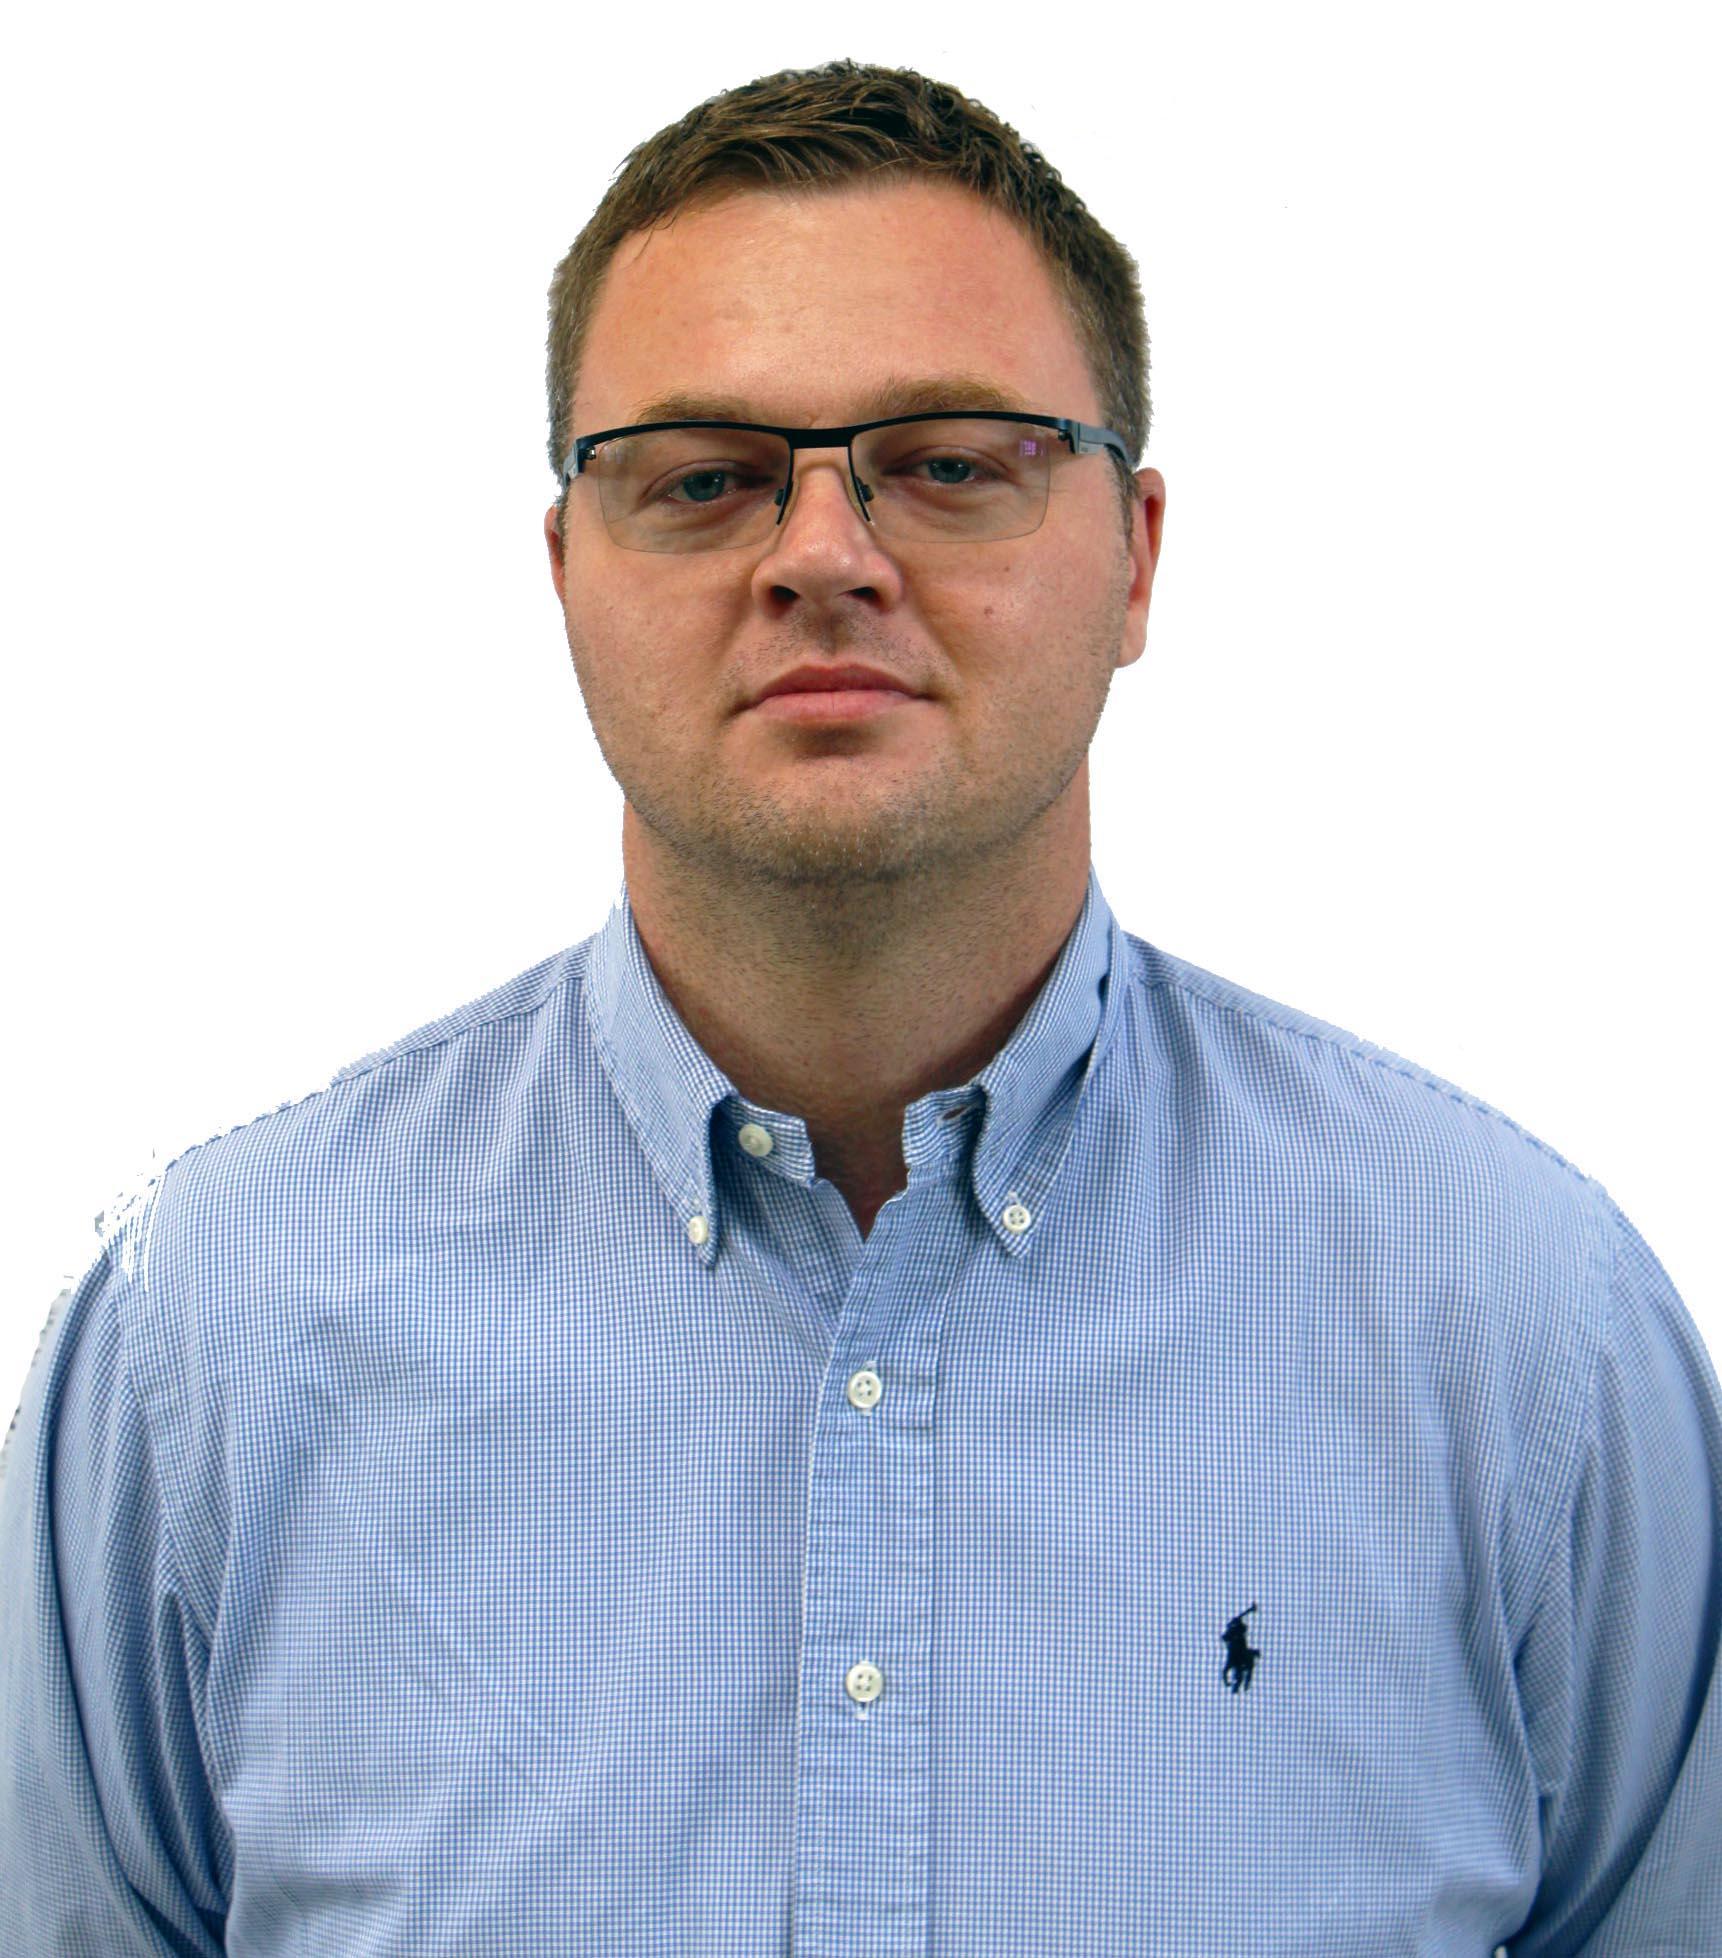 Damir Stimac, Sales Manager